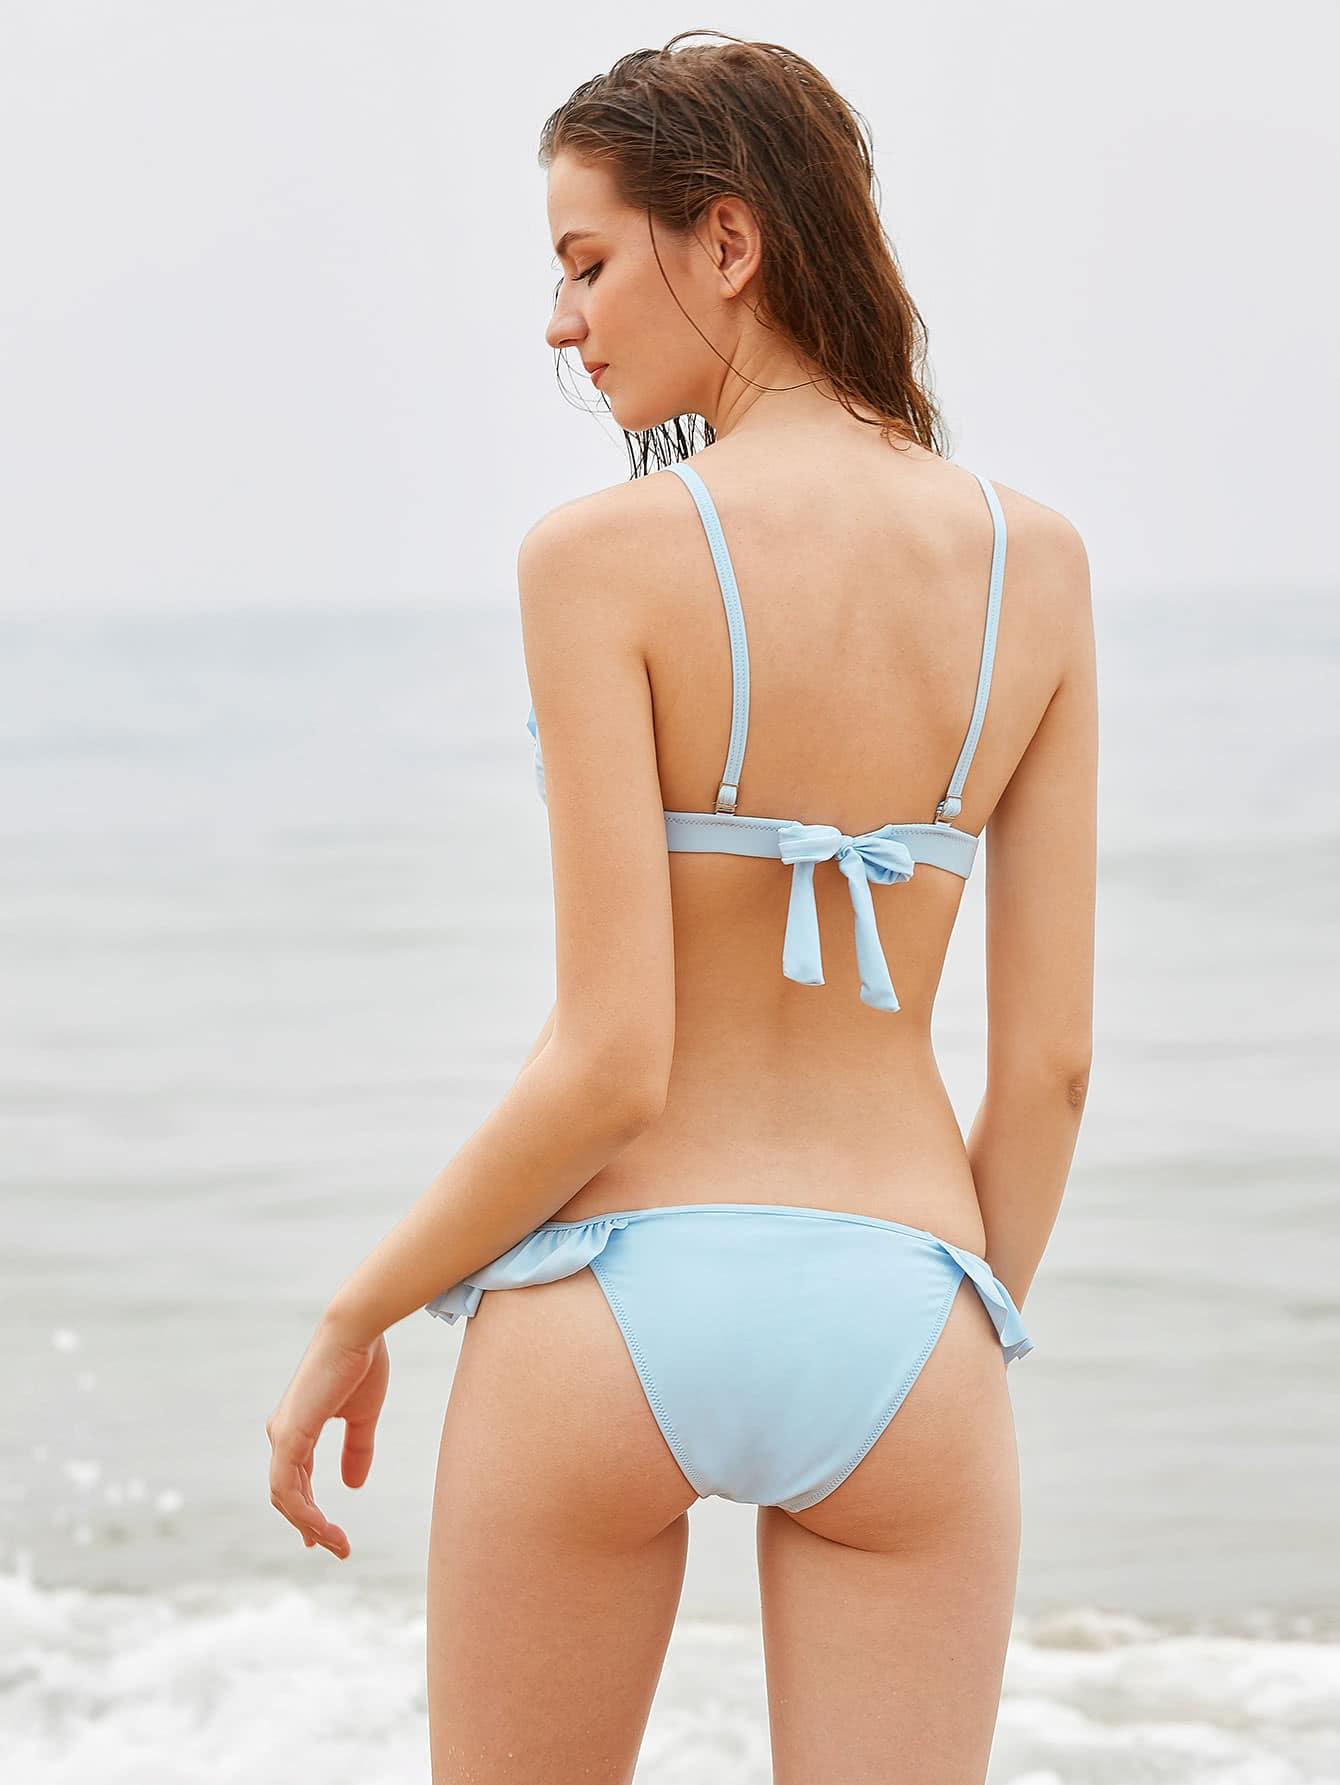 swimwear170414325_2